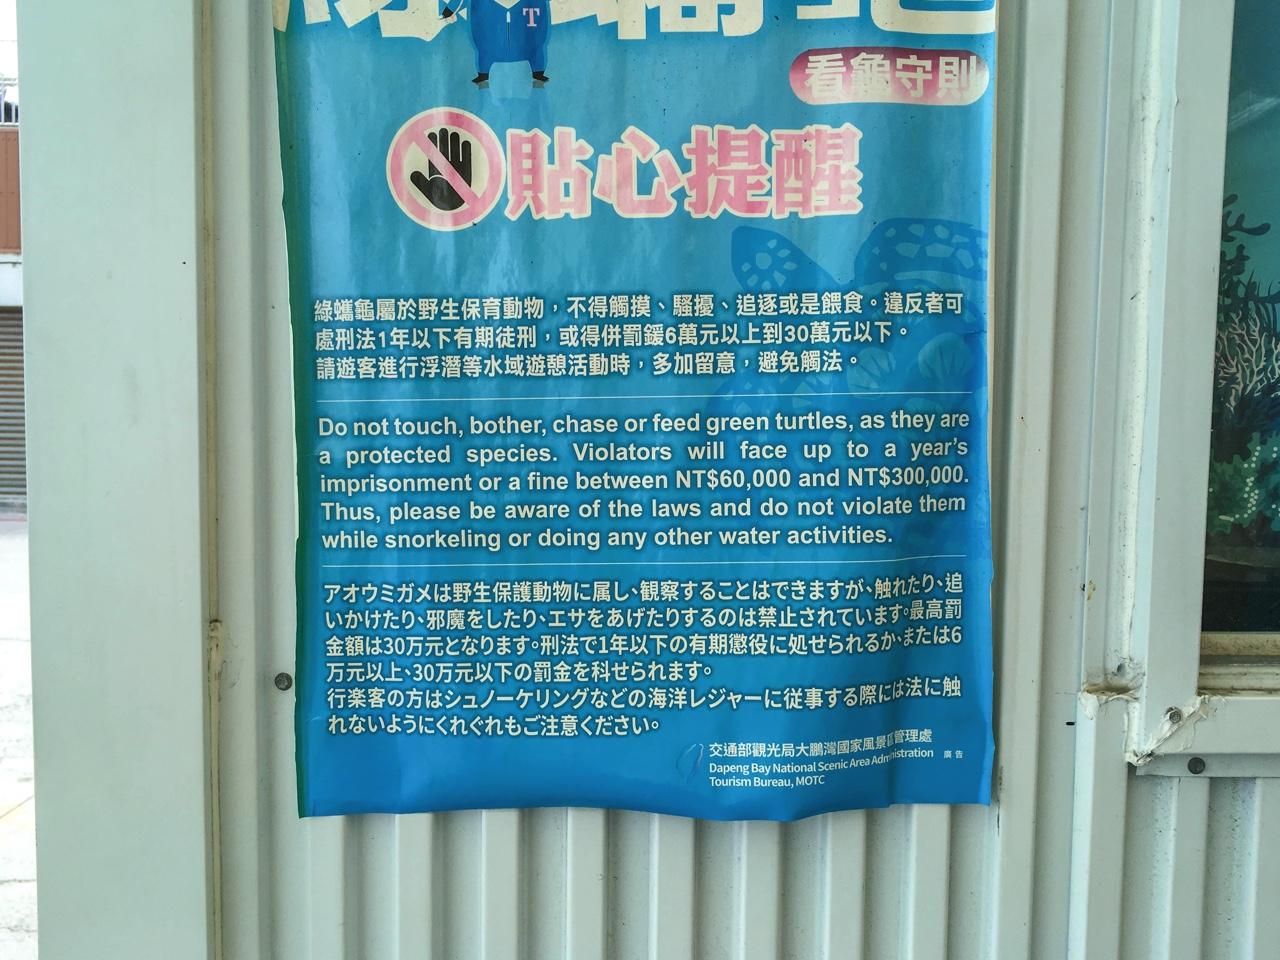 海亀に関する注意書き